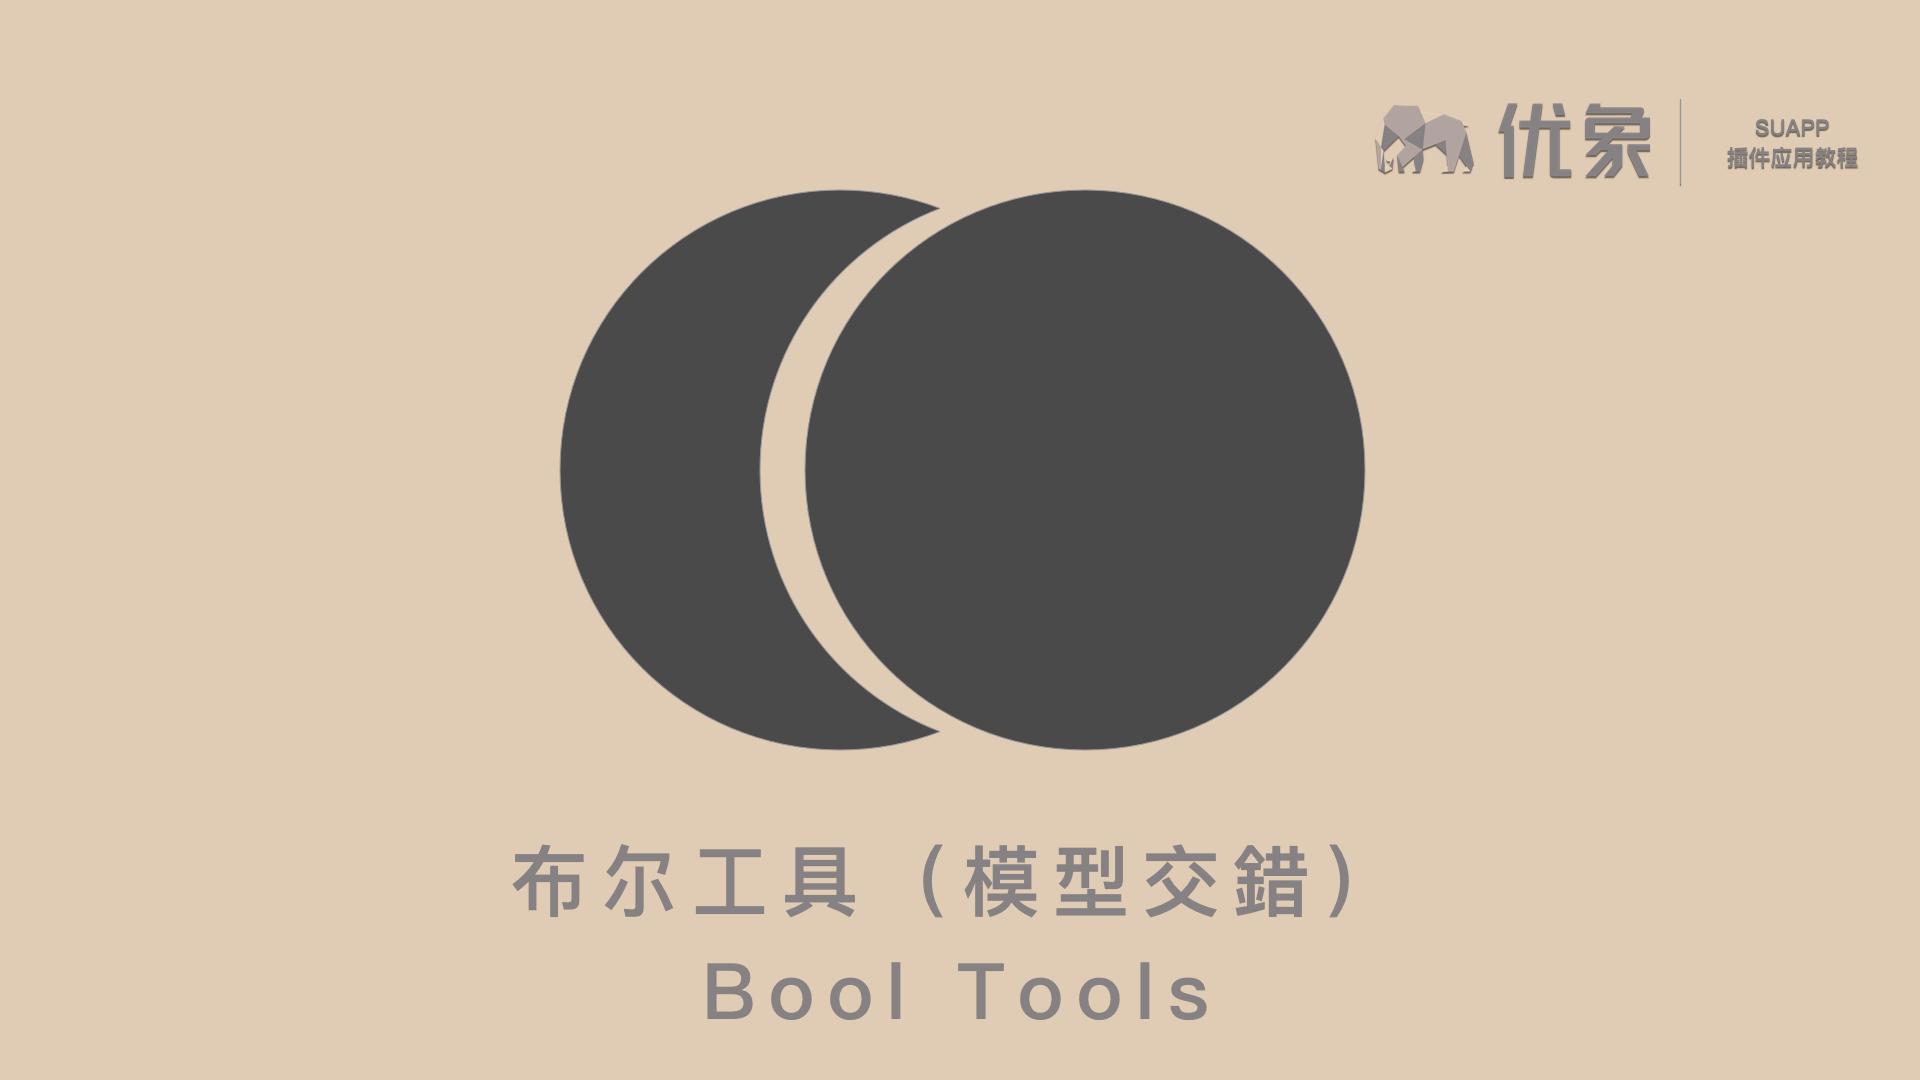 布尔工具(模型交錯) Bool Tools